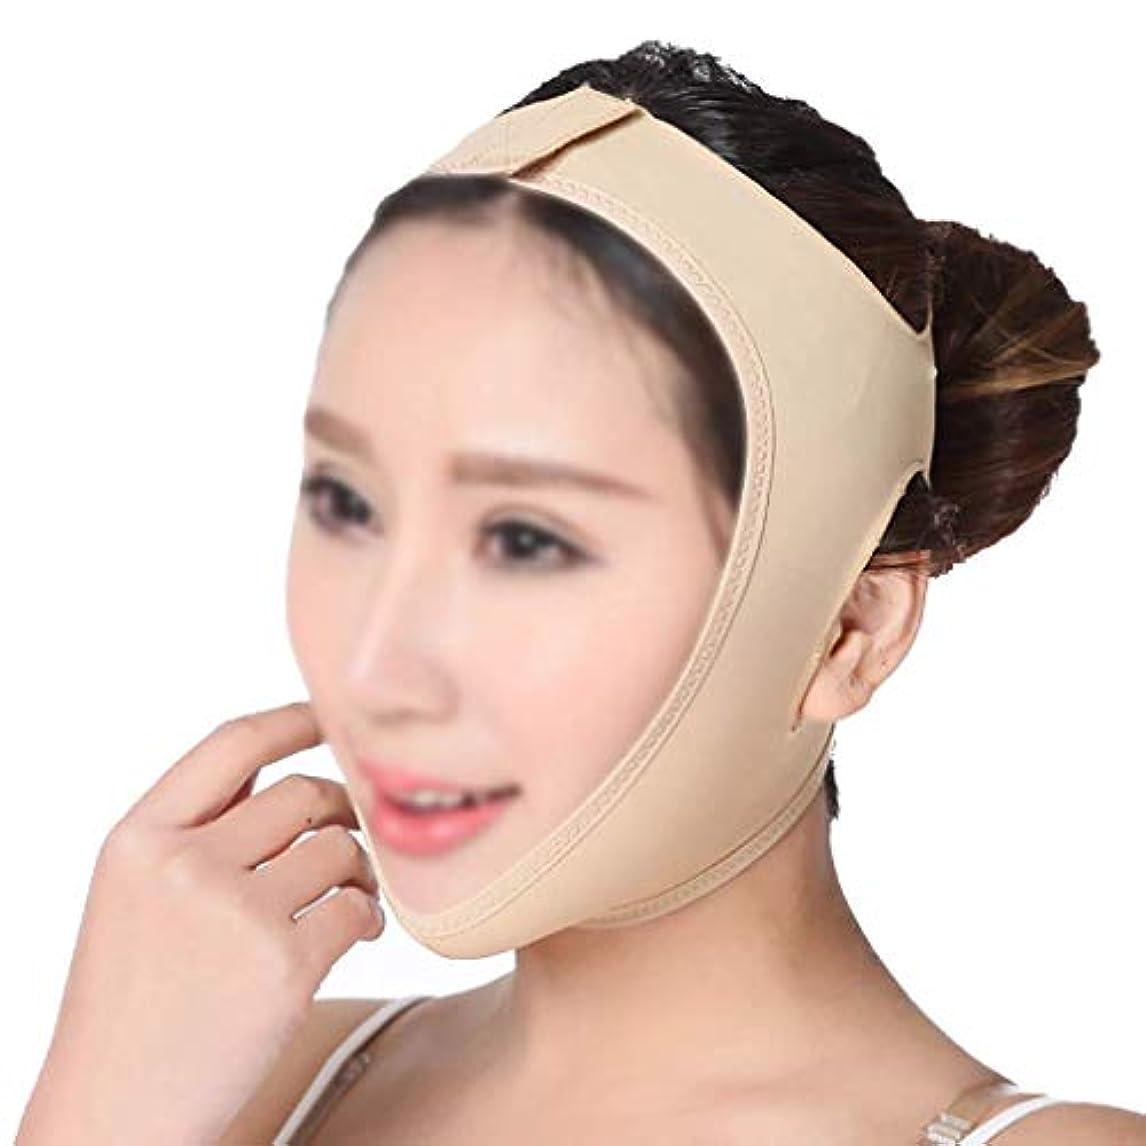 腹部中にショップフェイスリフティングマスク、リフティングチン、フェイシャルスキン、頬垂れ防止、快適で 生地、詰まることを拒否、着用が簡単(サイズ:M),M